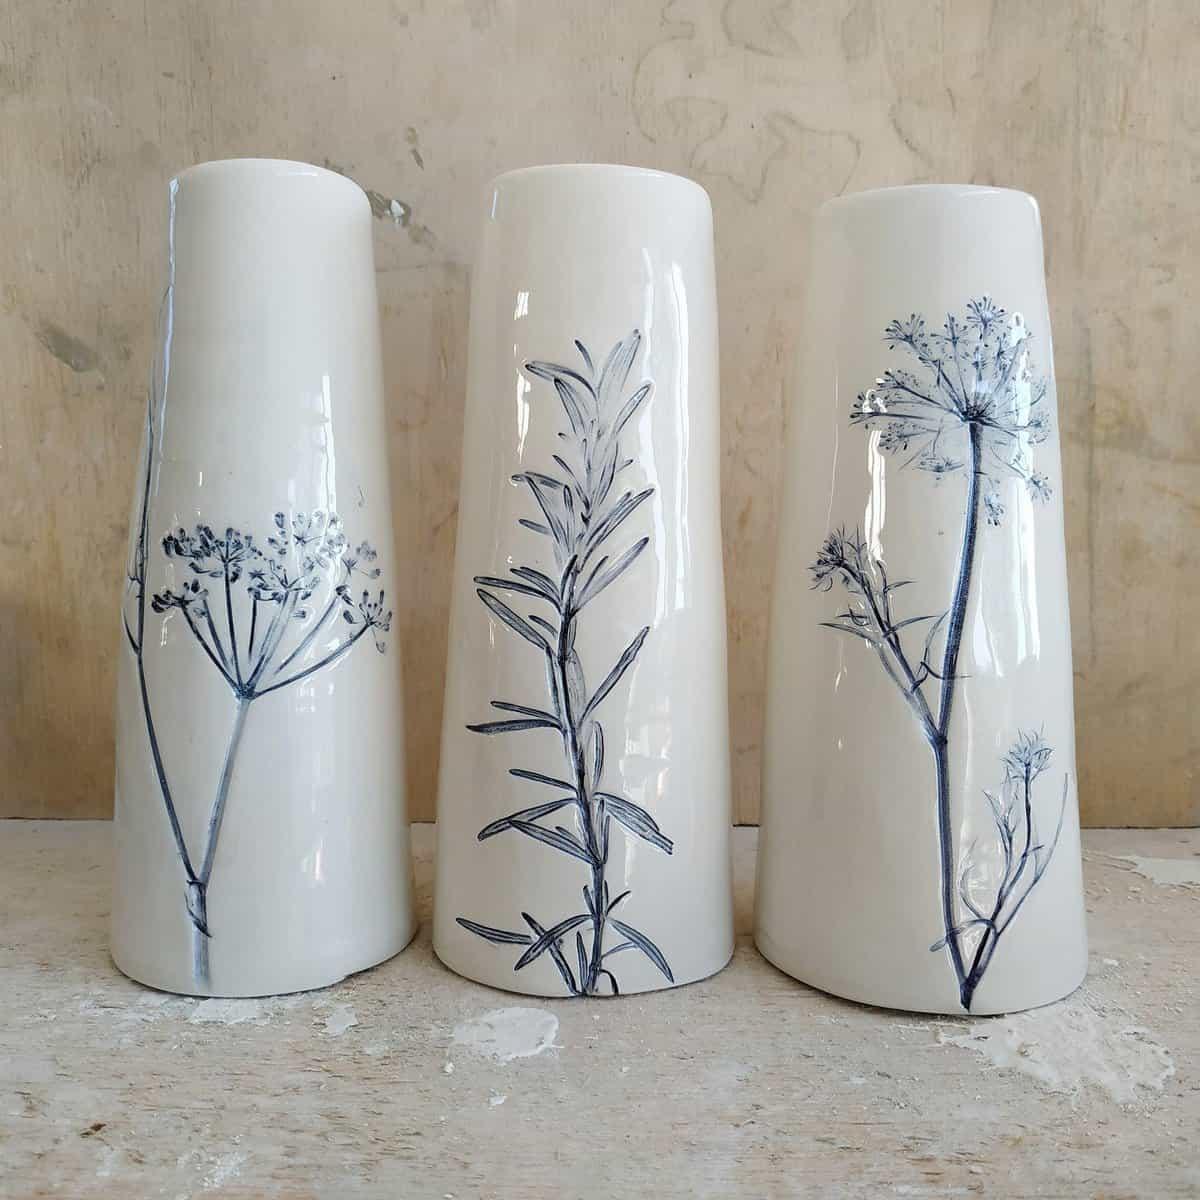 ceramica botanica vasi a cono